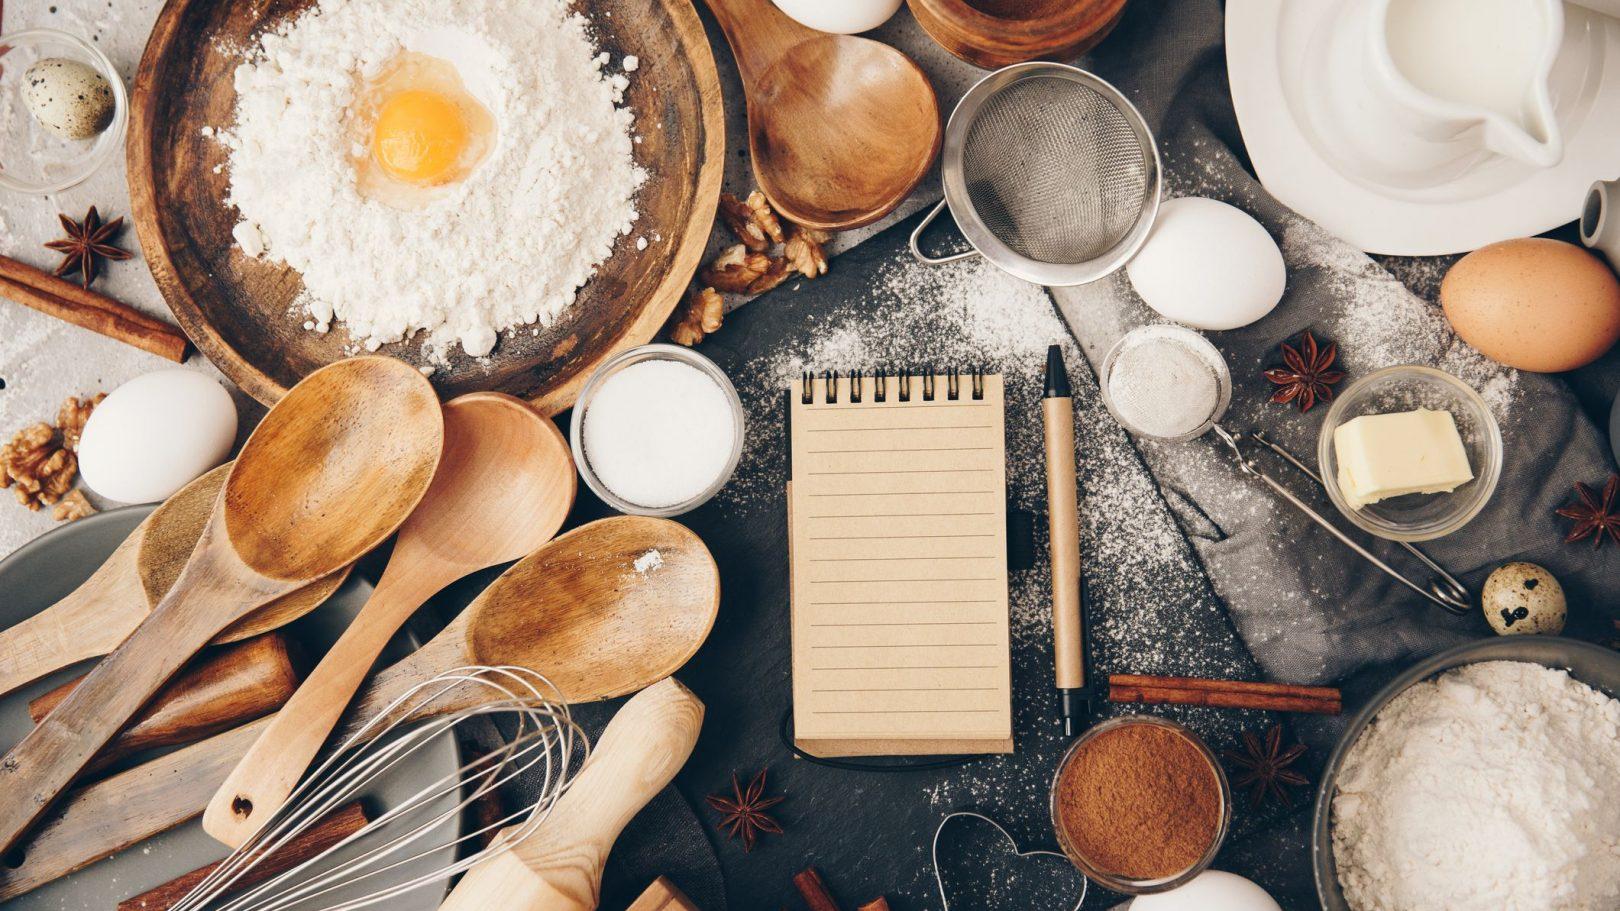 Baking material